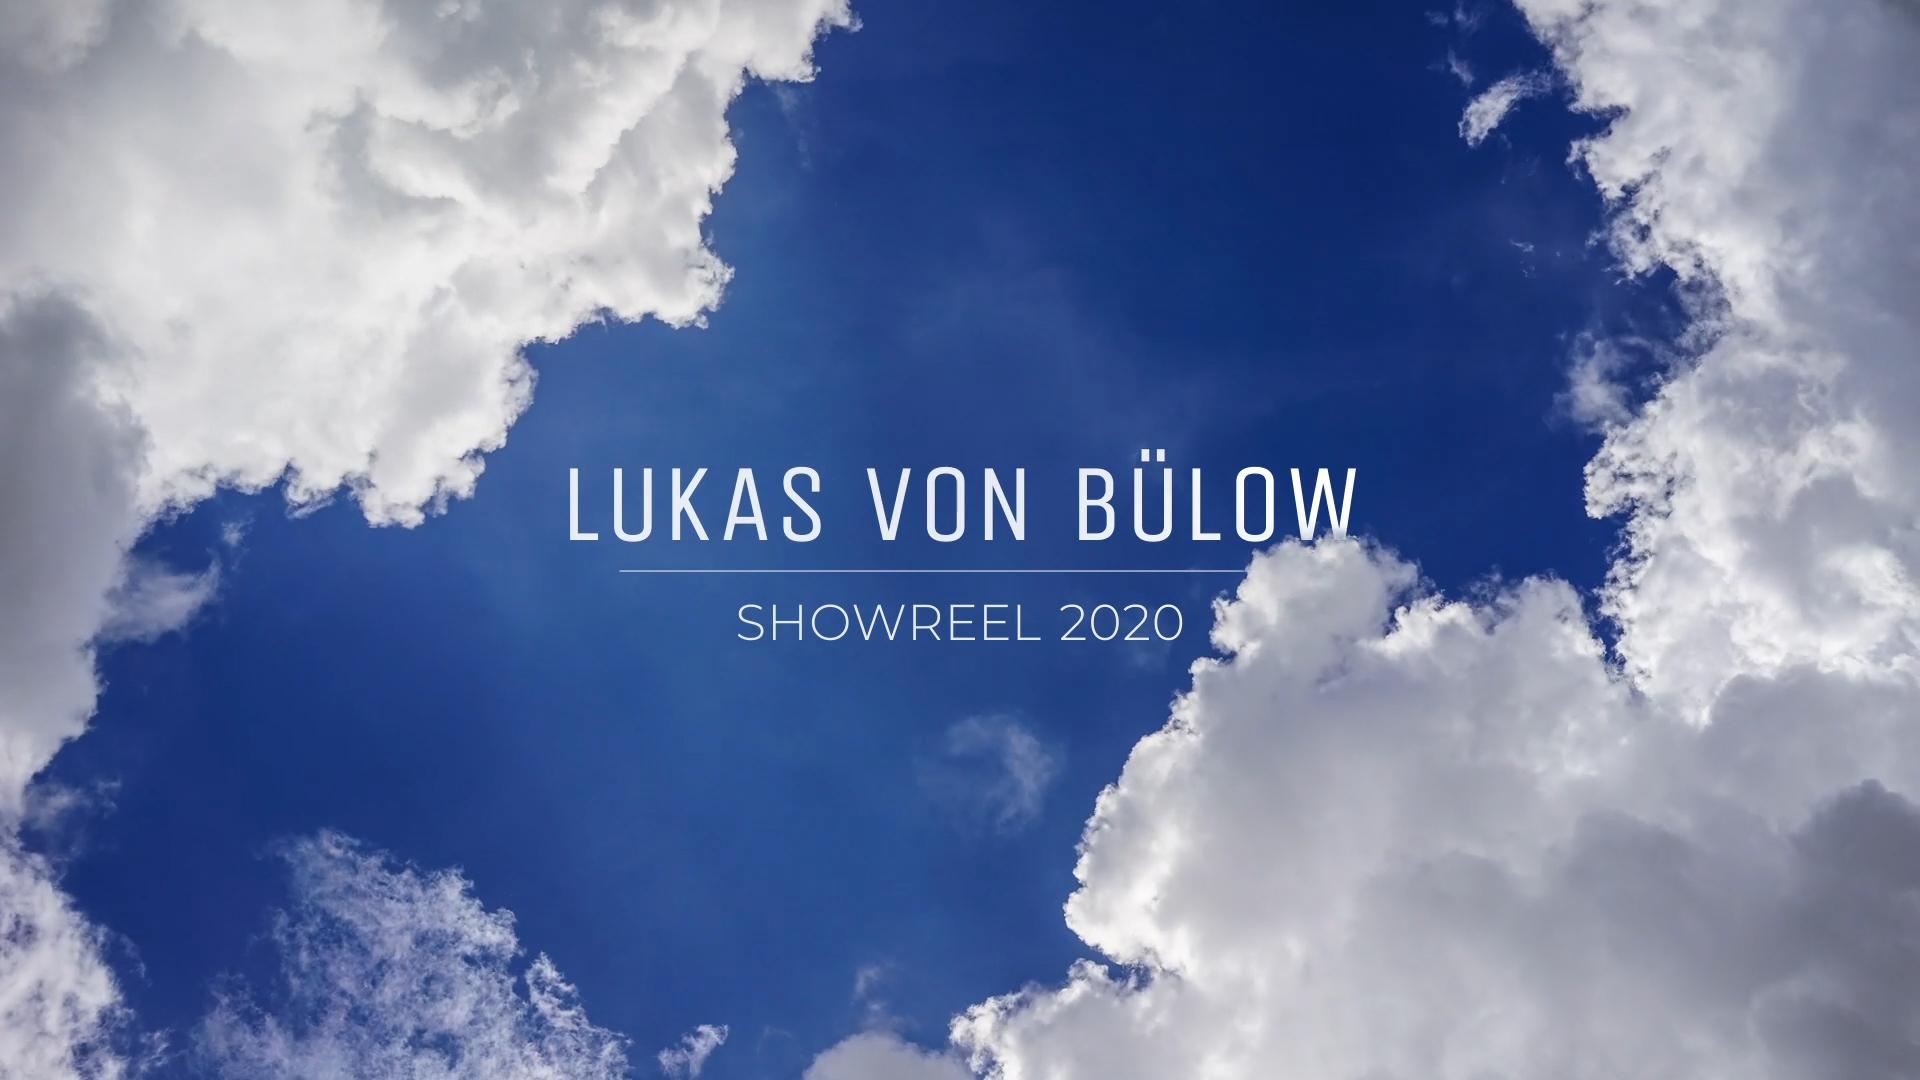 Lukas von Bülow Startbild Showreel